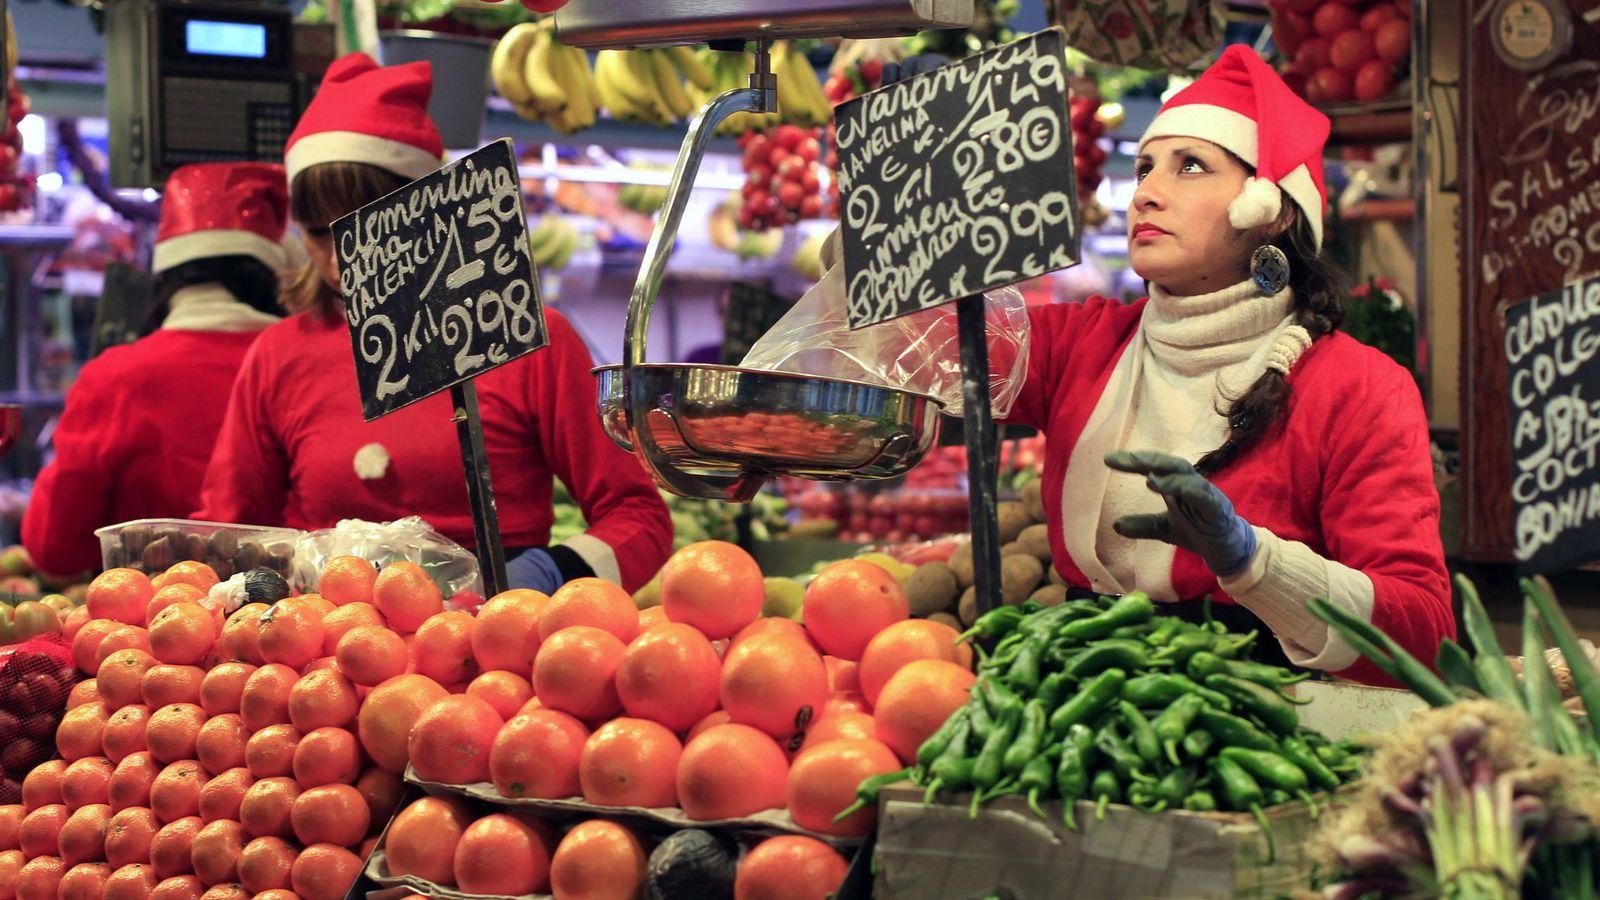 Foto: Compras en una frutería del Mercado de la Boquería de Barcelona para la cena de Nochebuena. (EFE)